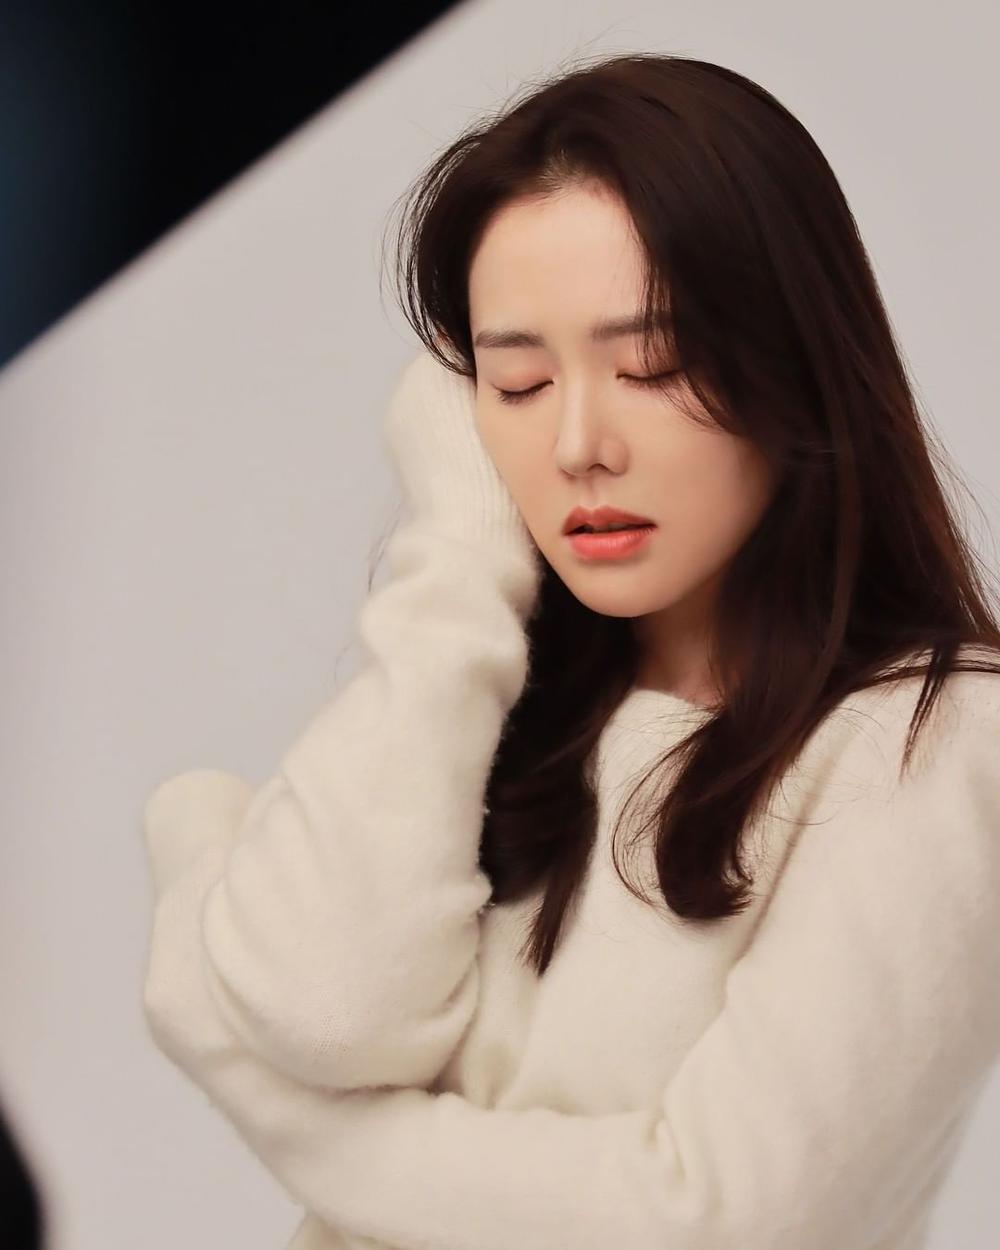 Son Ye Jin khoe nhan sắc đỉnh cao trong bộ ảnh mới: Trẻ mãi không già là đây Ảnh 5